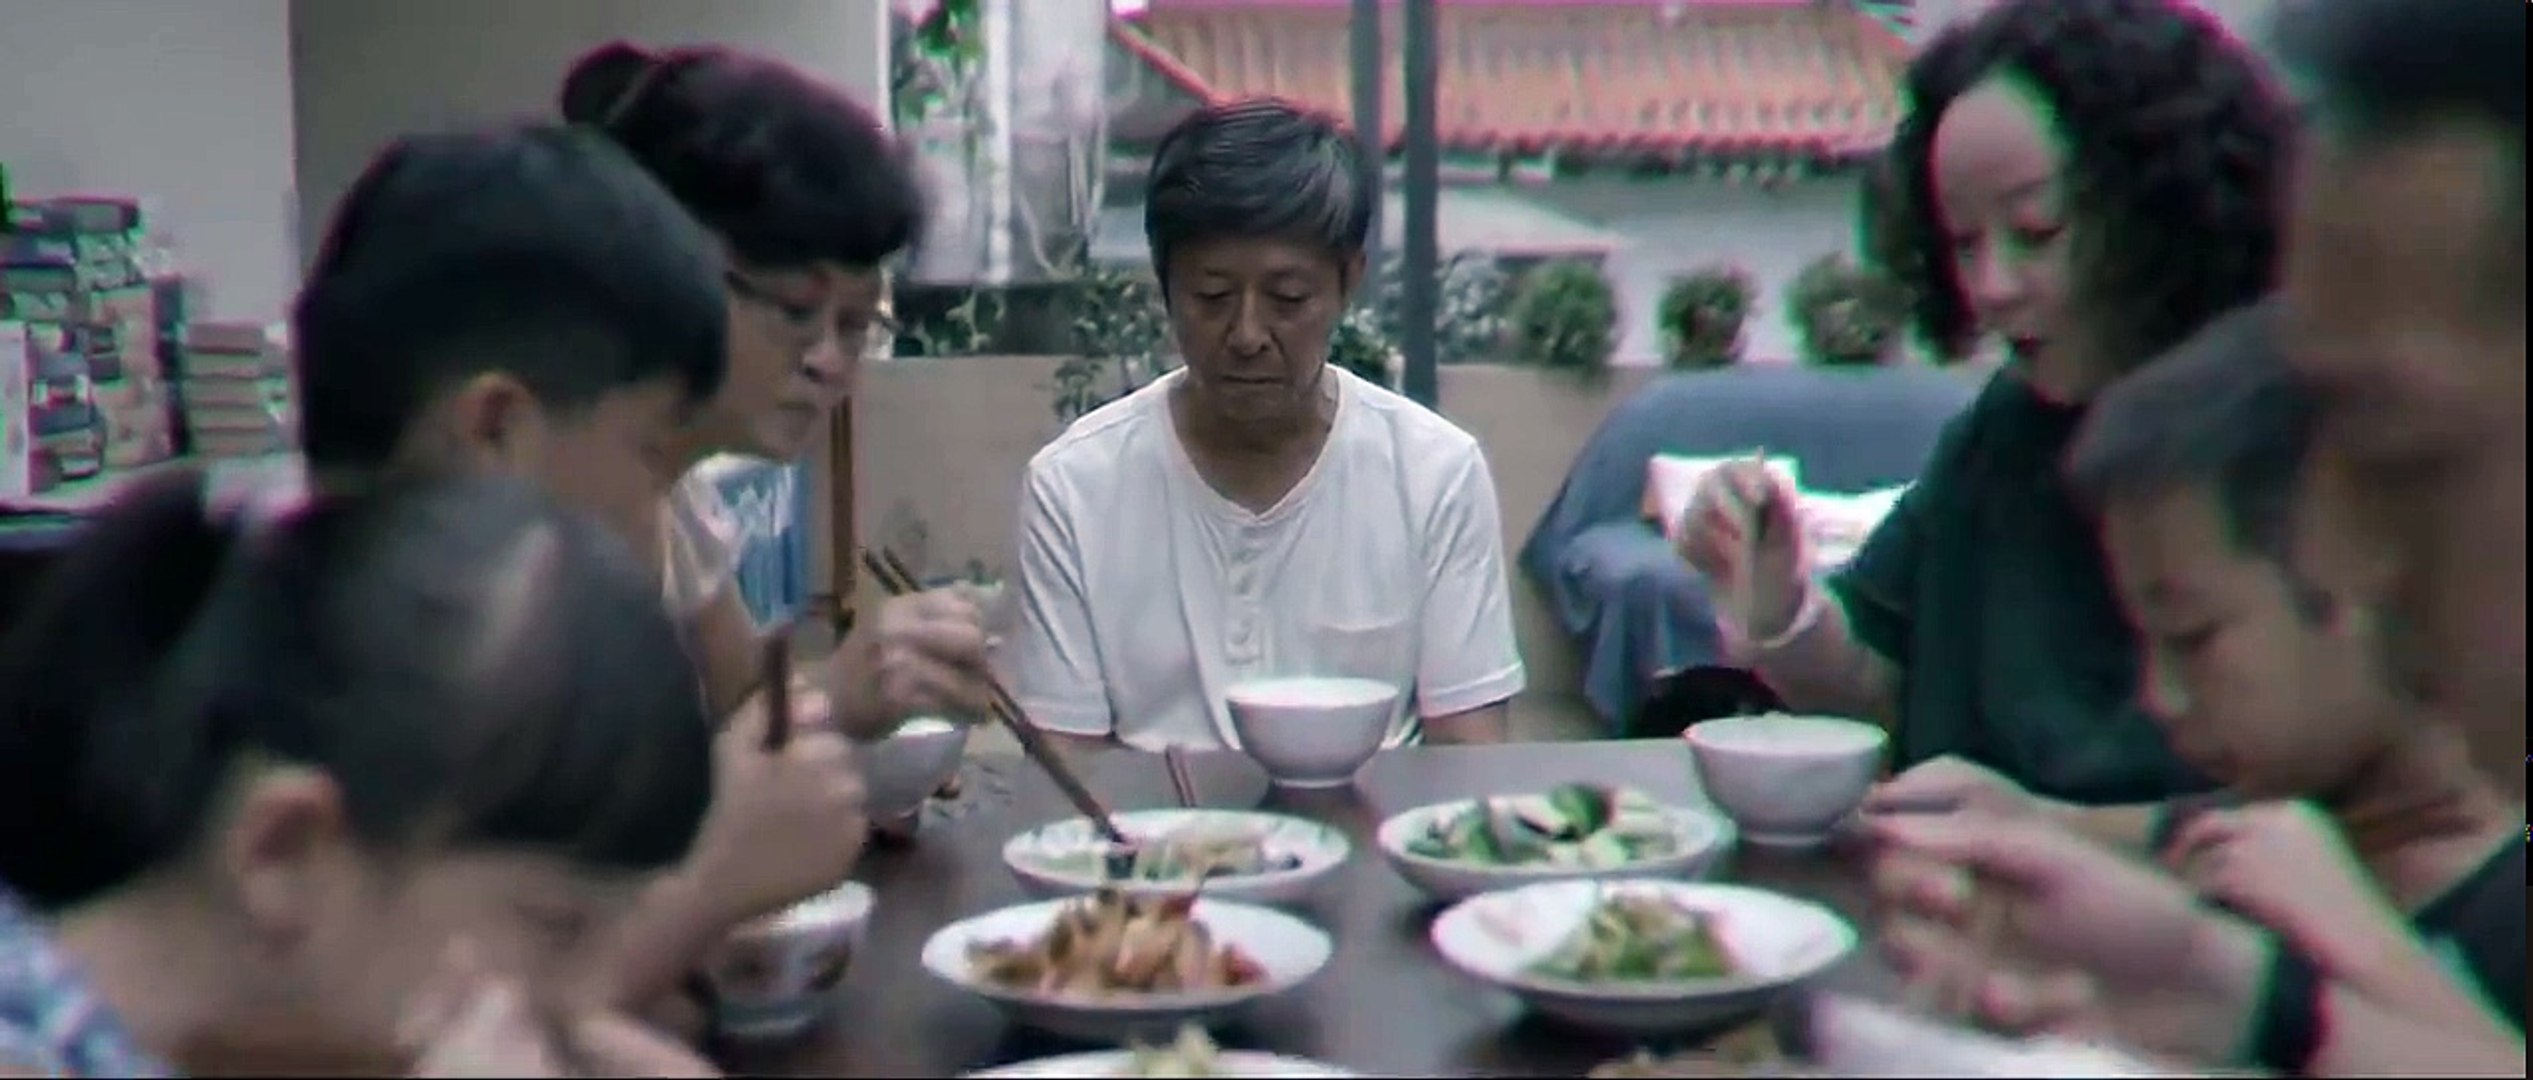 Phong Nhân ViệnTập 8 Vietsub Thuyết Minh Mad House